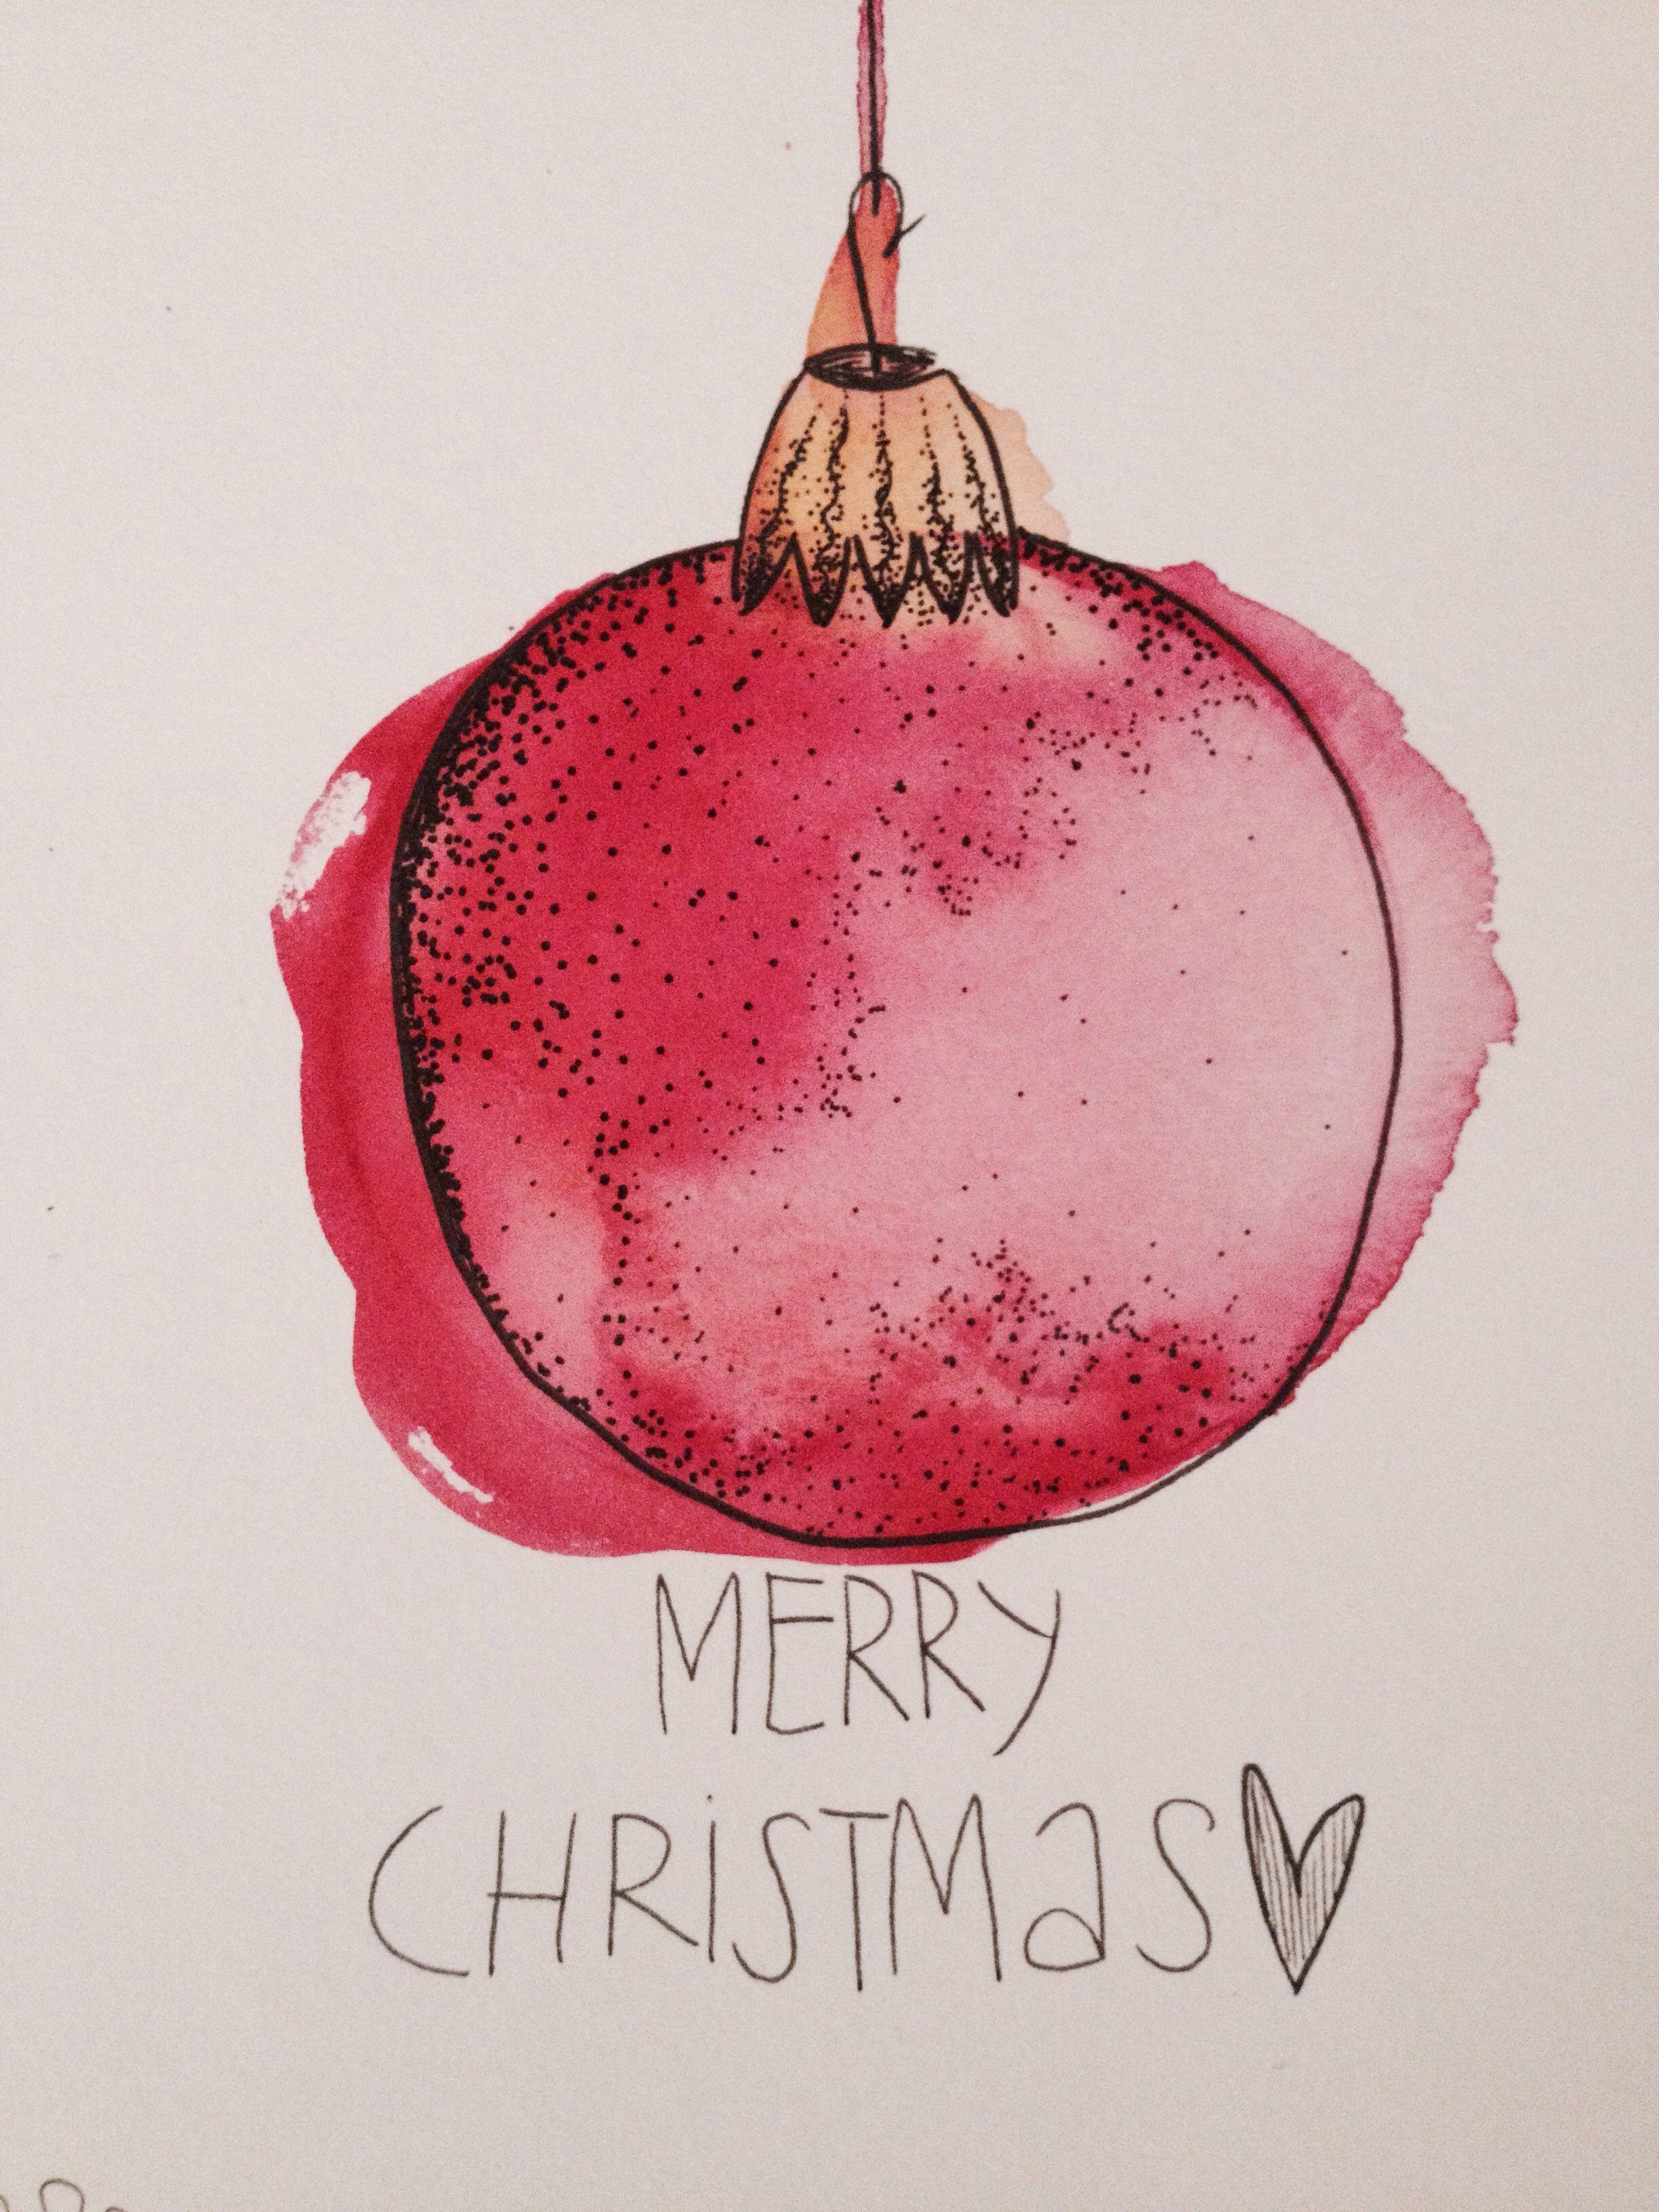 Pin Von Julie Snead Auf Christmas Cards Weihnachtskarten